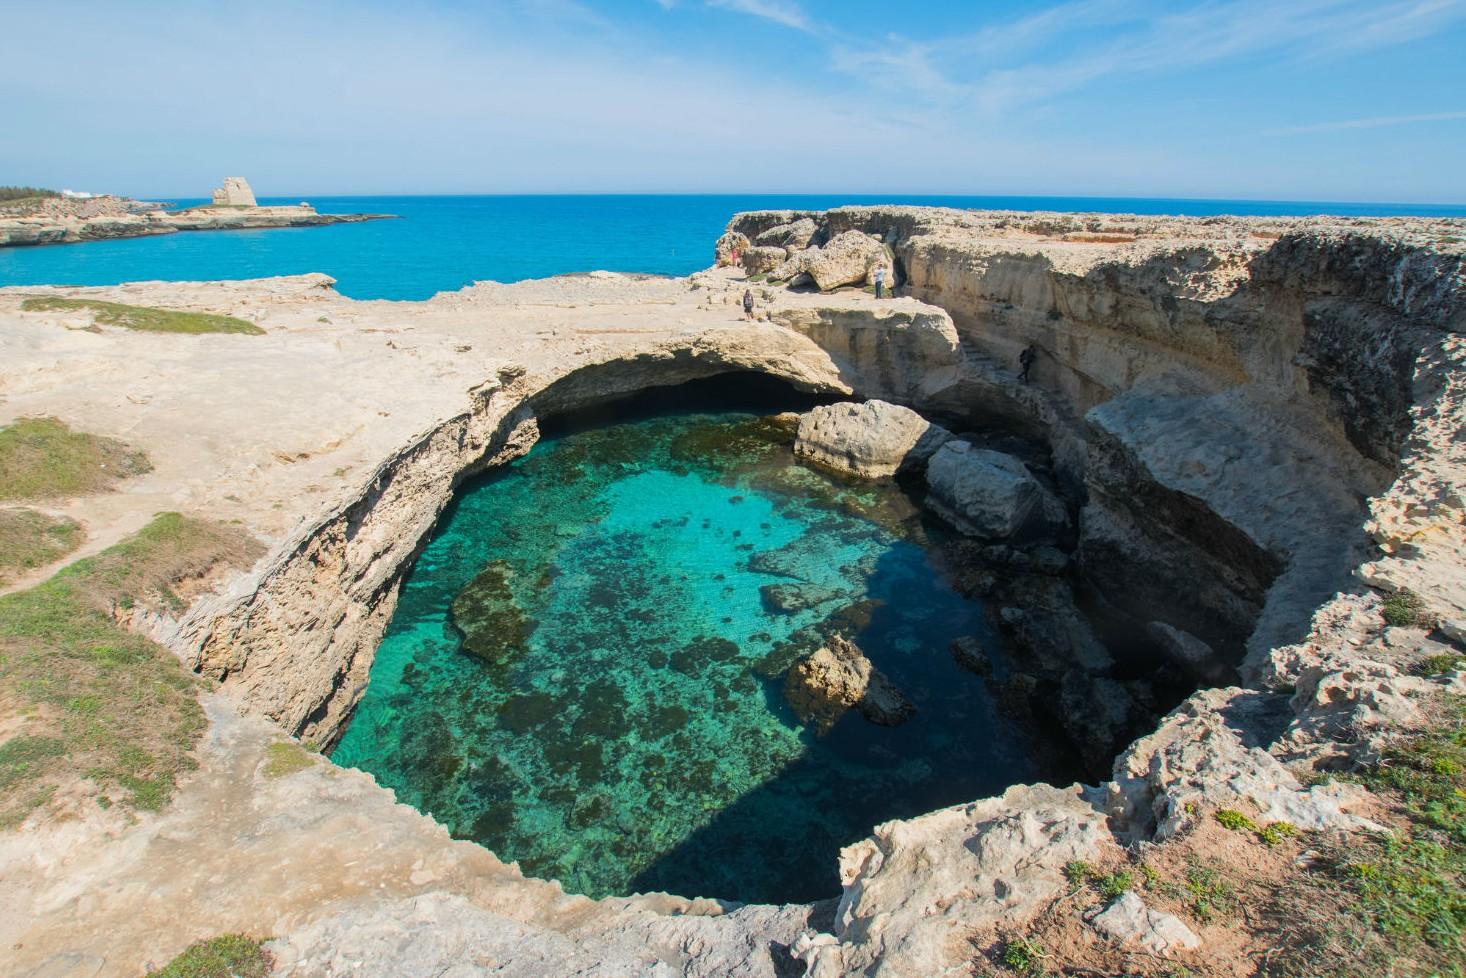 De 5 mooiste natuurlijke zwembaden ter wereld - Grotta della Poesia in Italie